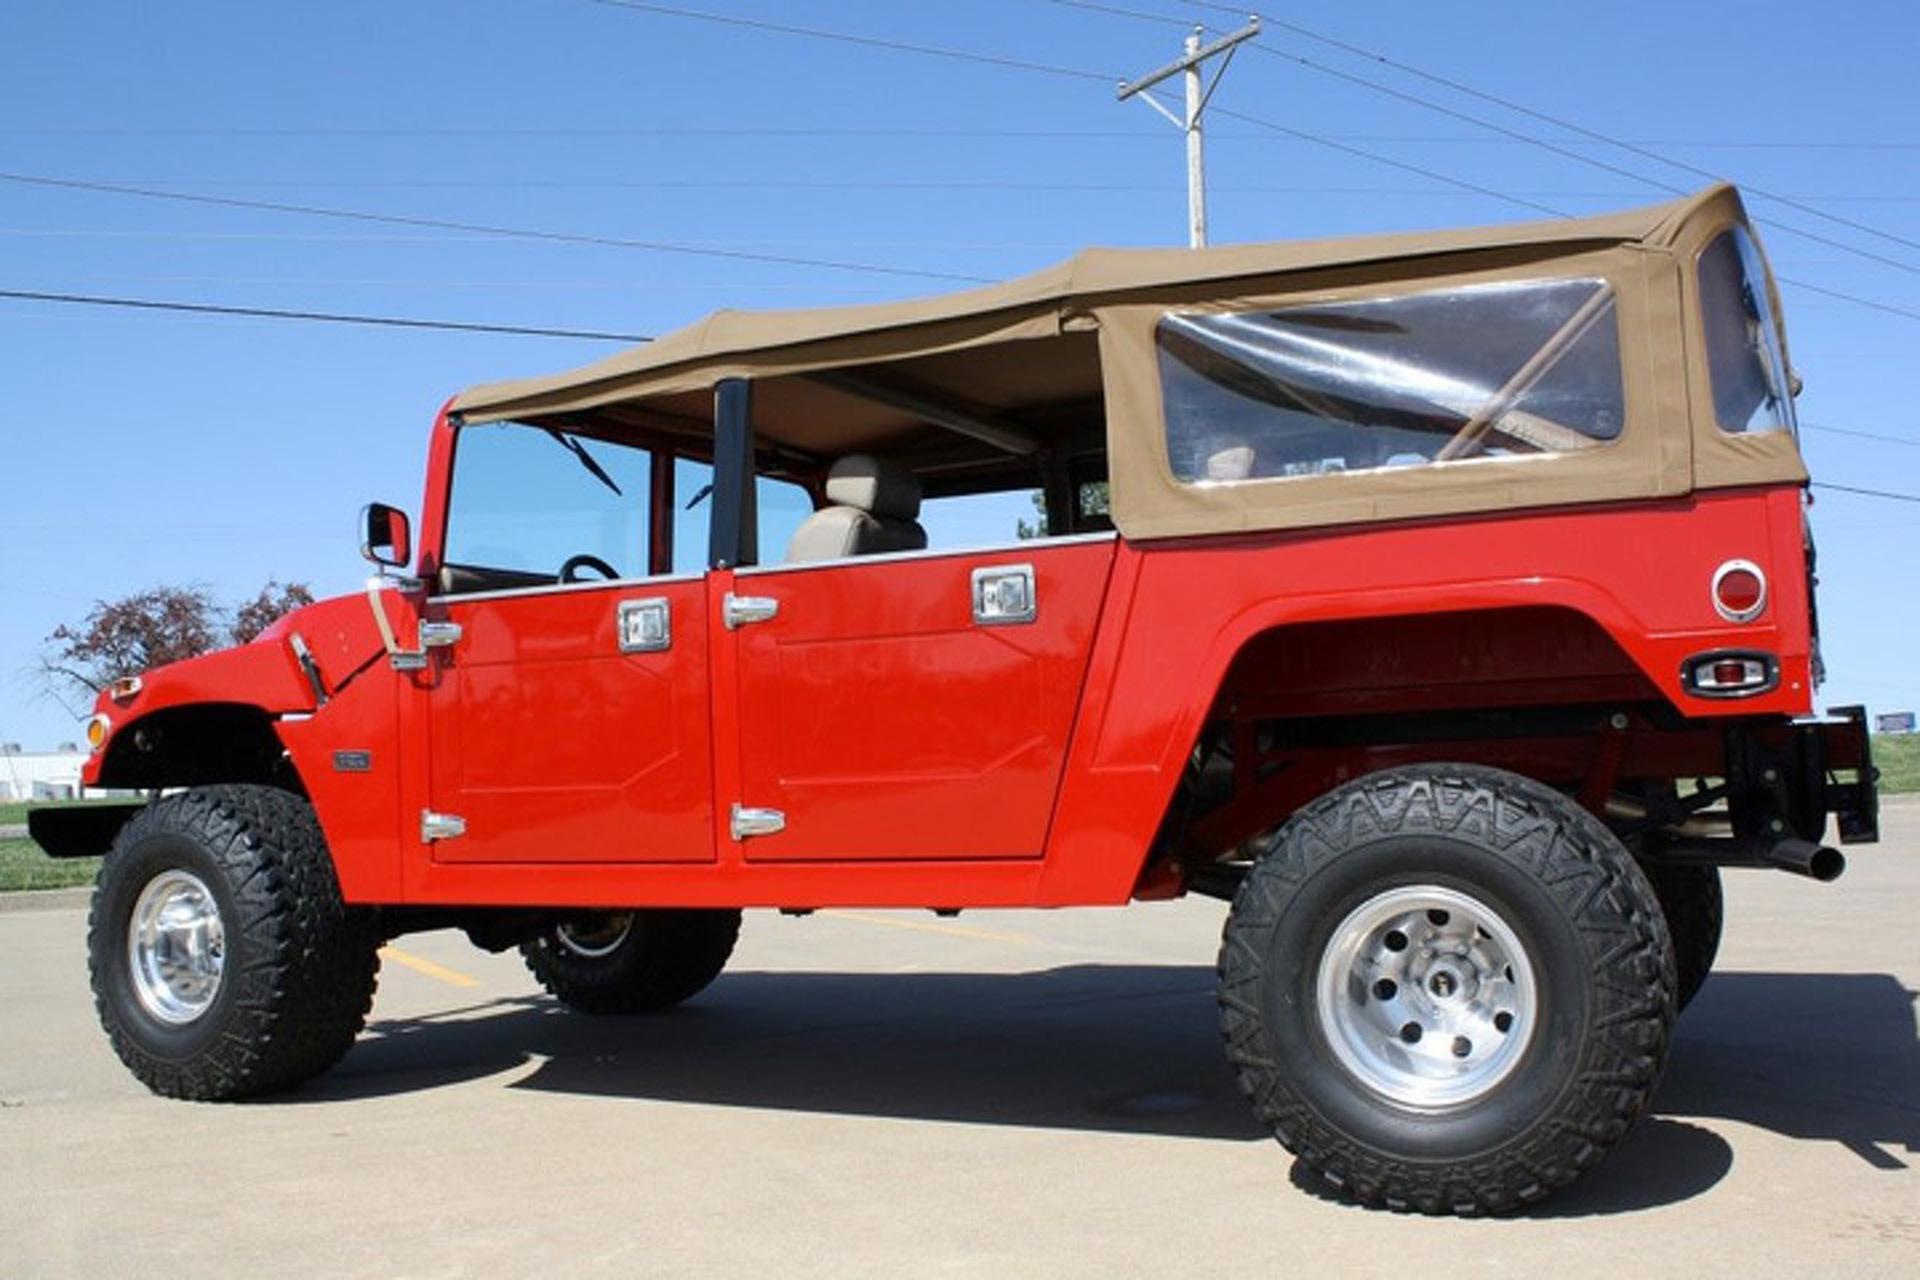 Jurassic Truck T-REX: Don't Call it a Hummer